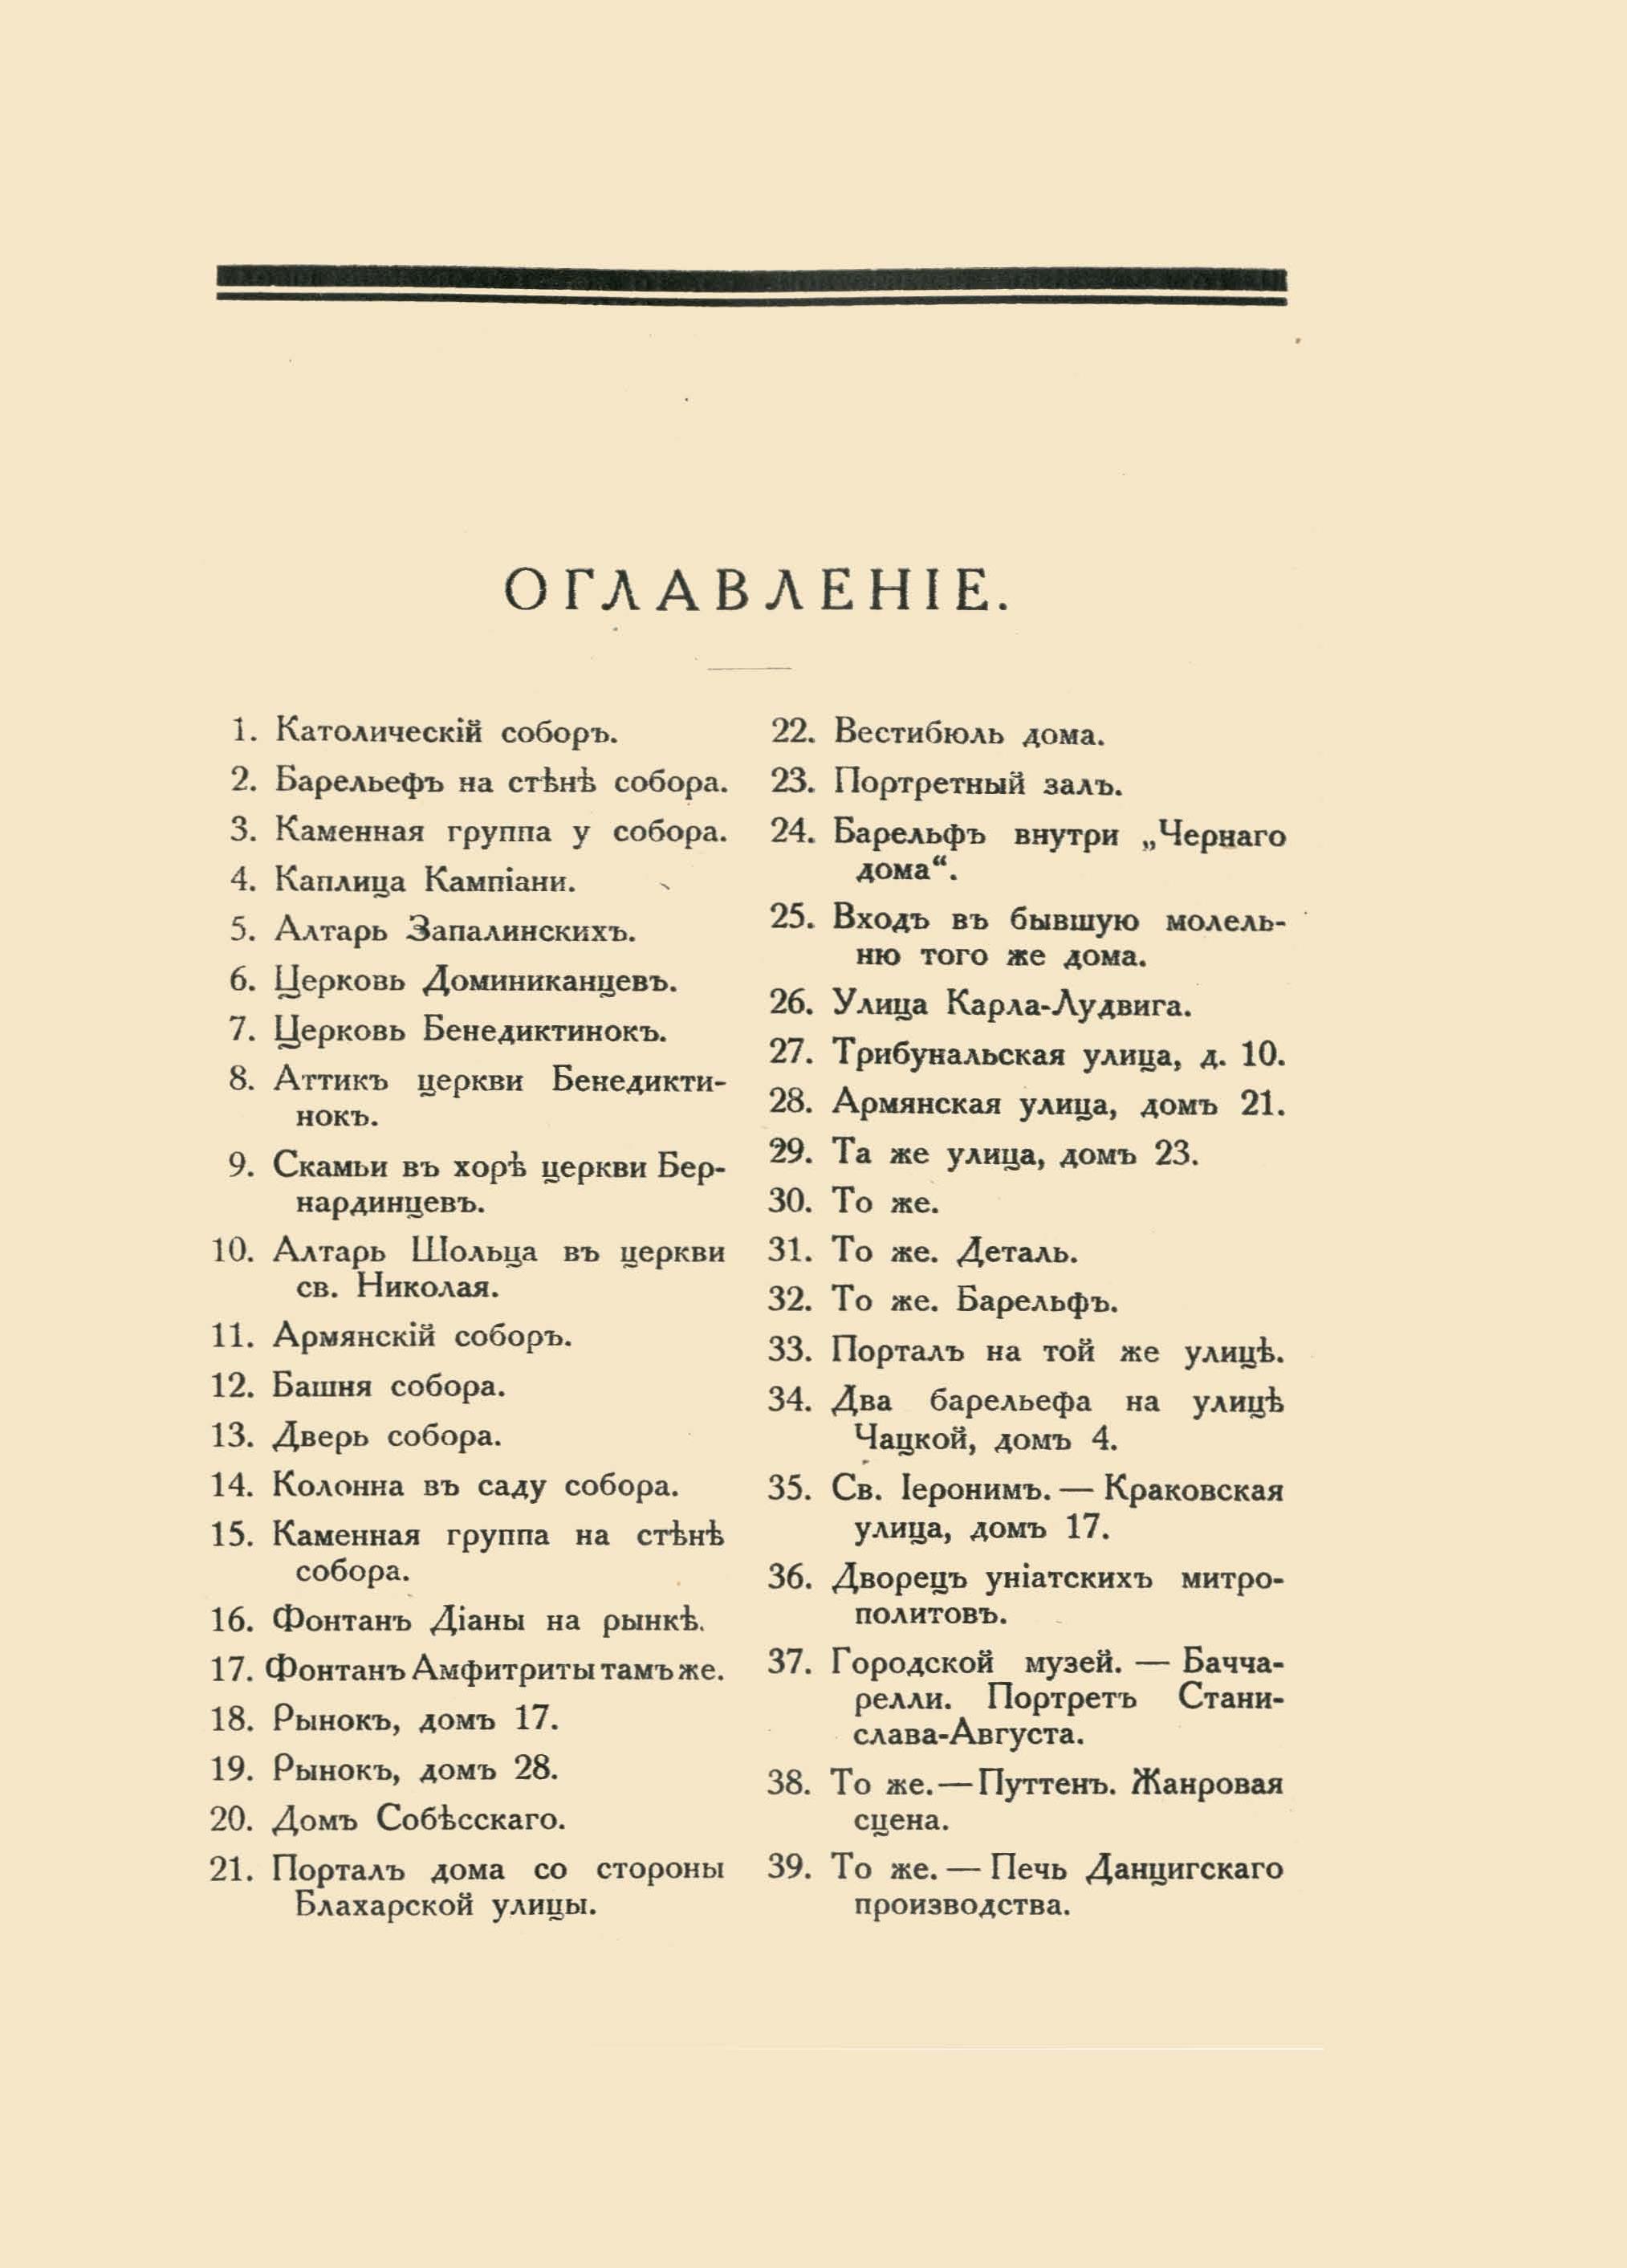 Альбом старого Львова. Верещагин В. 1917_113